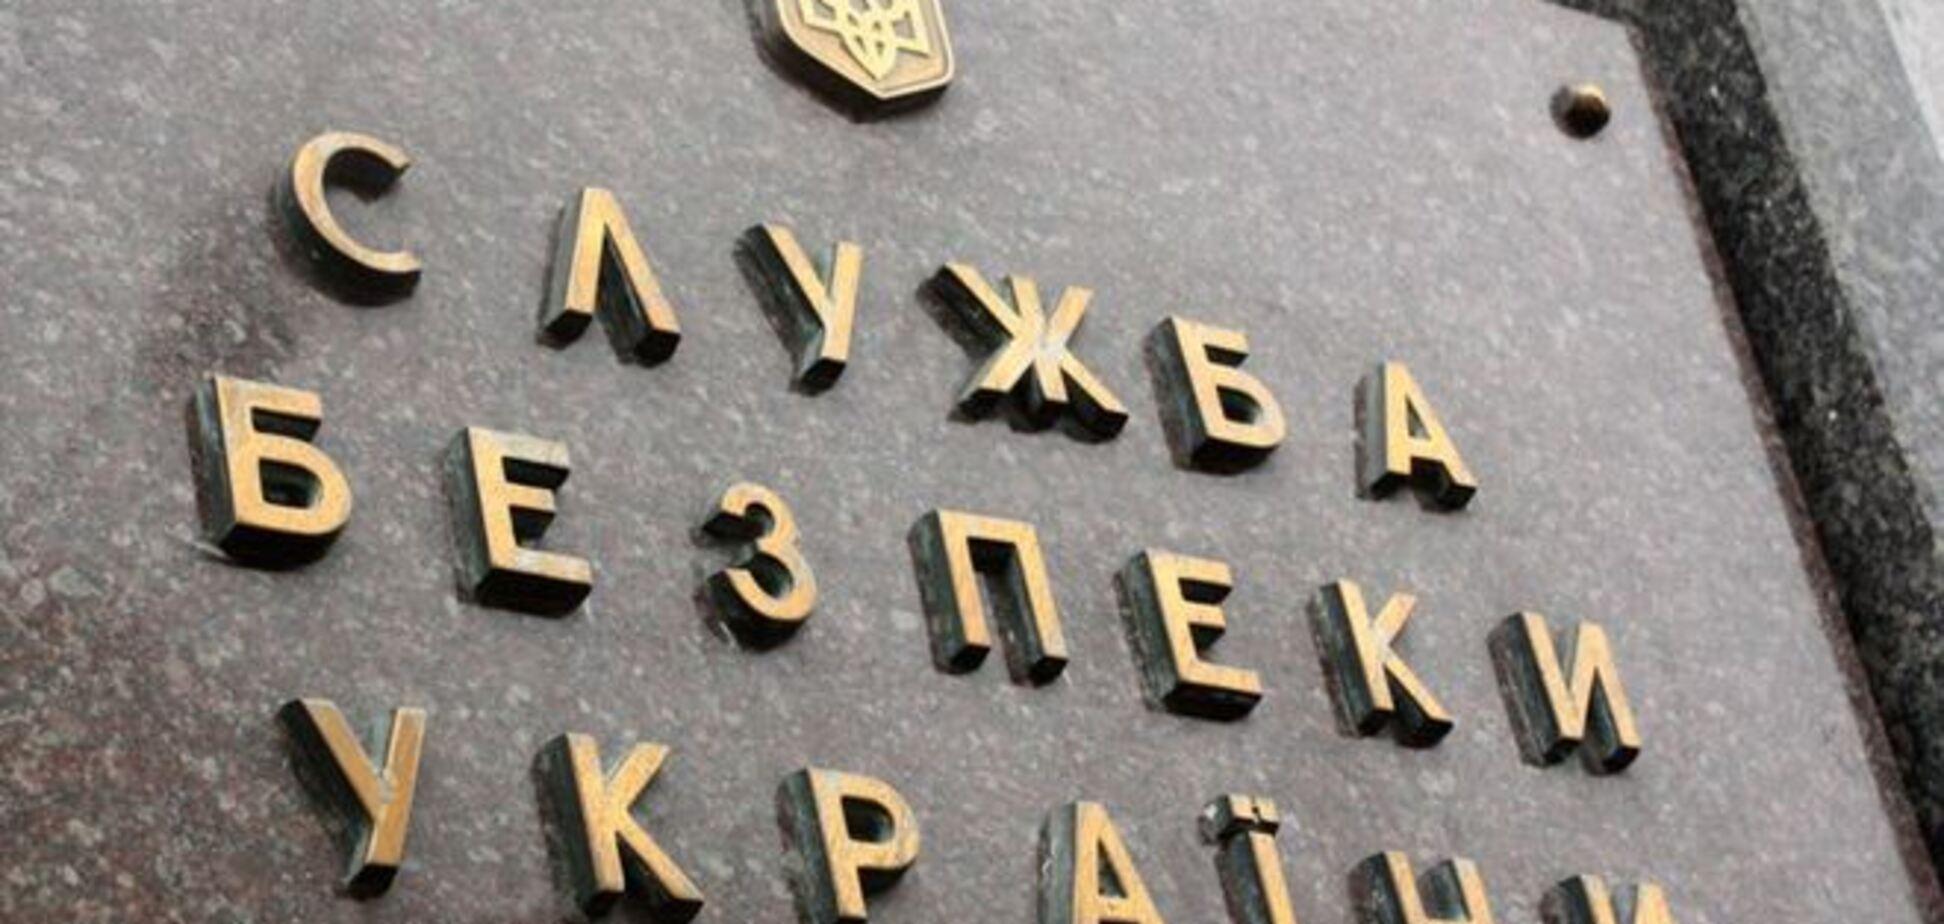 Спецслужбы ликвидировали в Харькове 'штаб-квартиру' сепаратистов